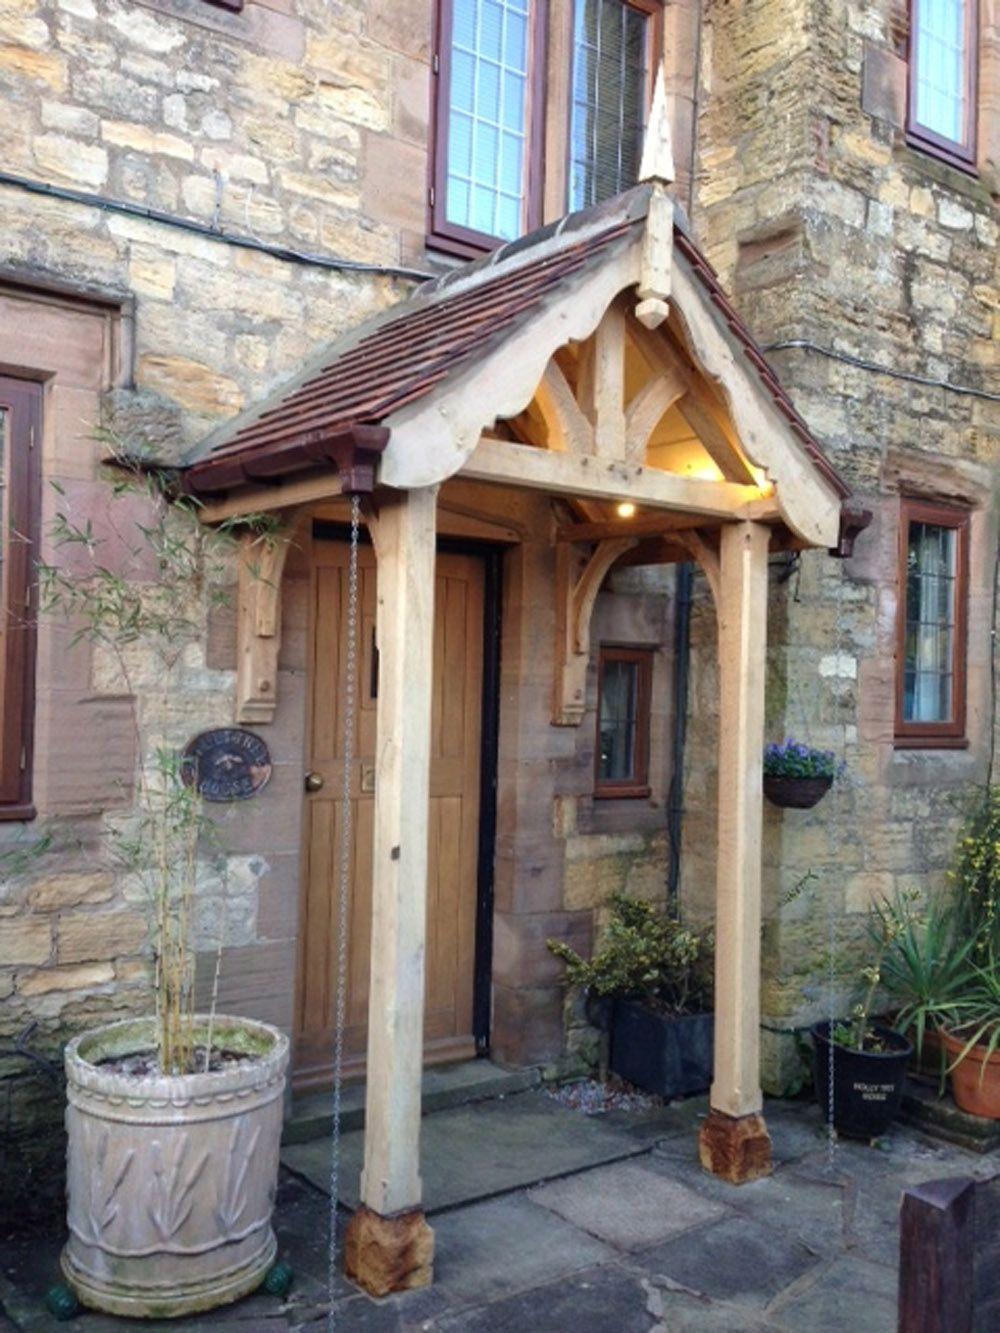 Cottage porch & oak porches - Google Search | Staddle stones | Pinterest | Porch ...